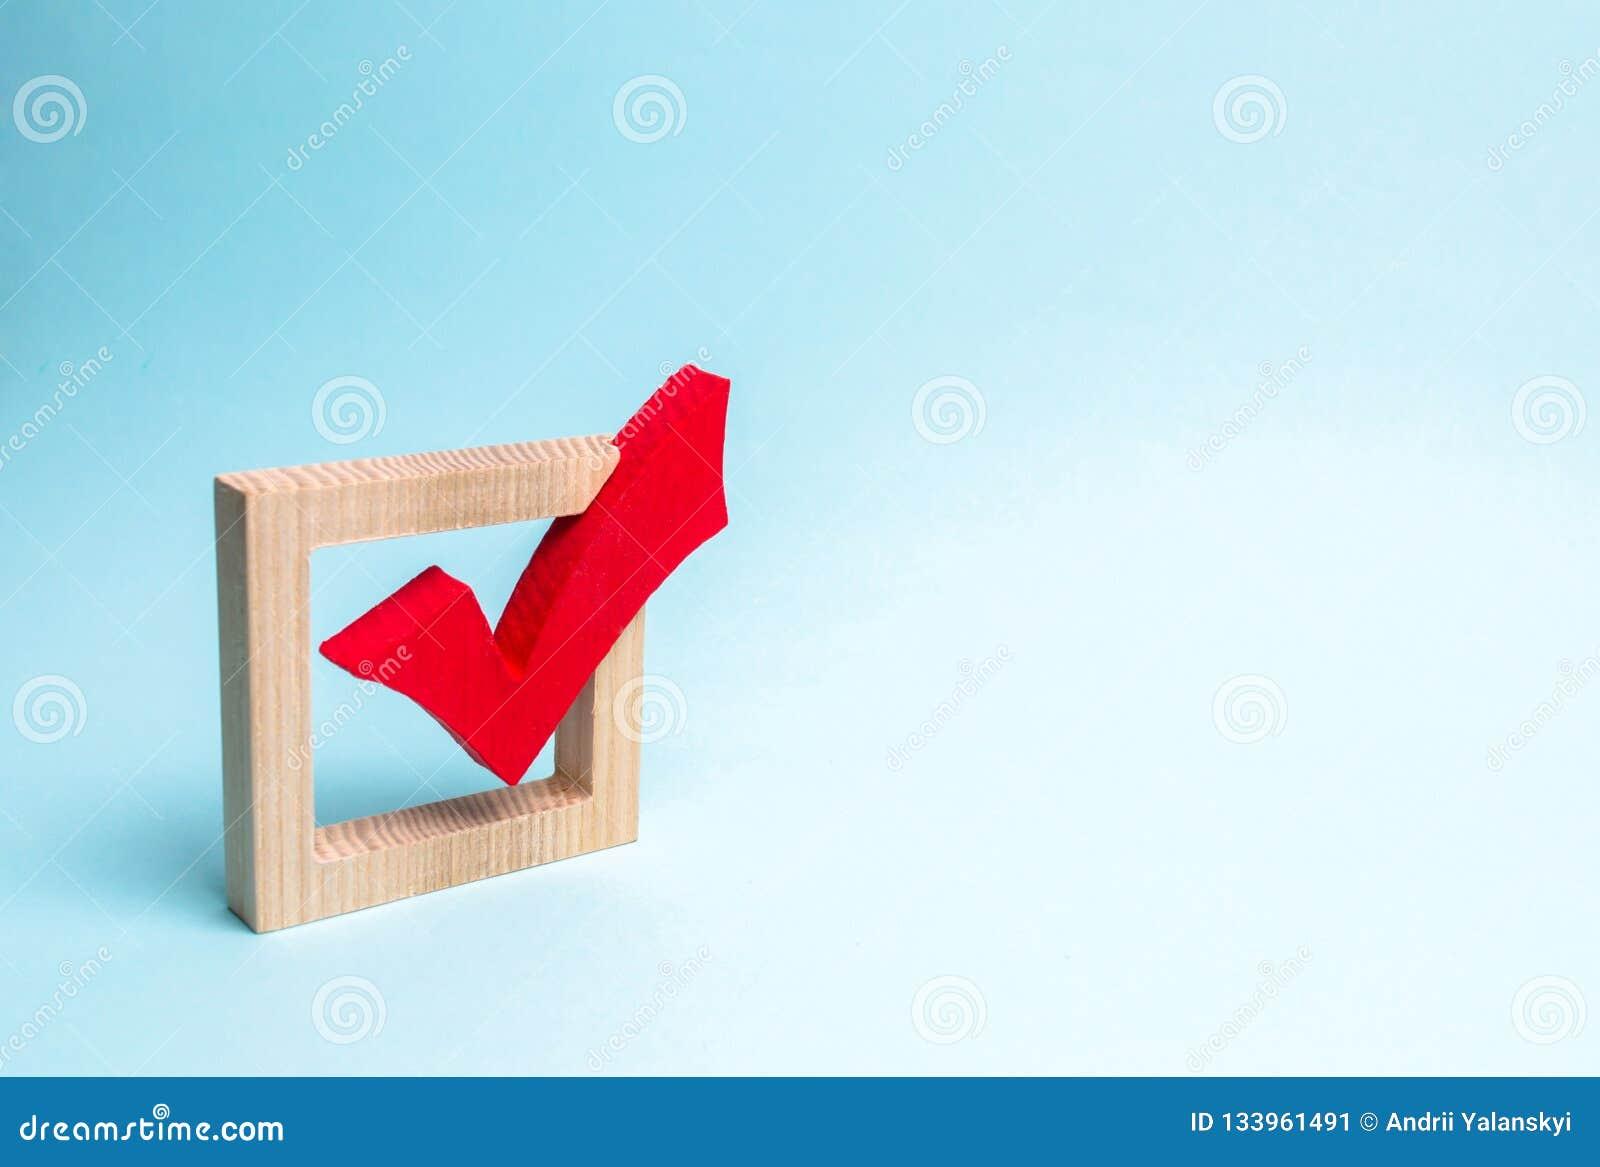 Trait de repère en bois rouge pour voter sur des élections sur un fond bleu Présidence ou élections parlementaires, un référendum